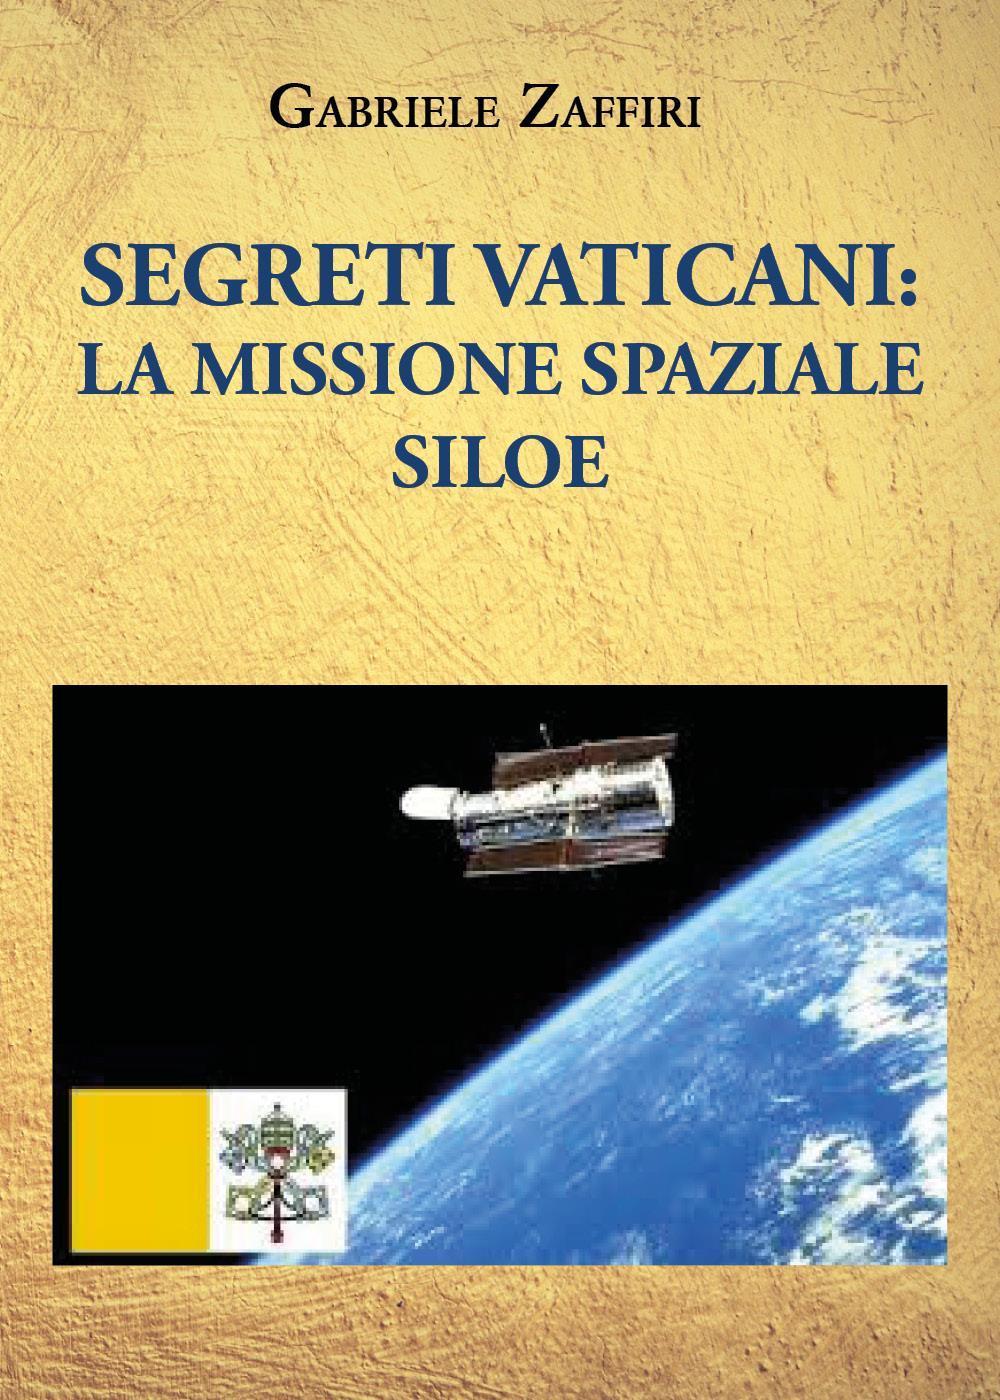 Segreti Vaticani: La missione spaziale SILOE